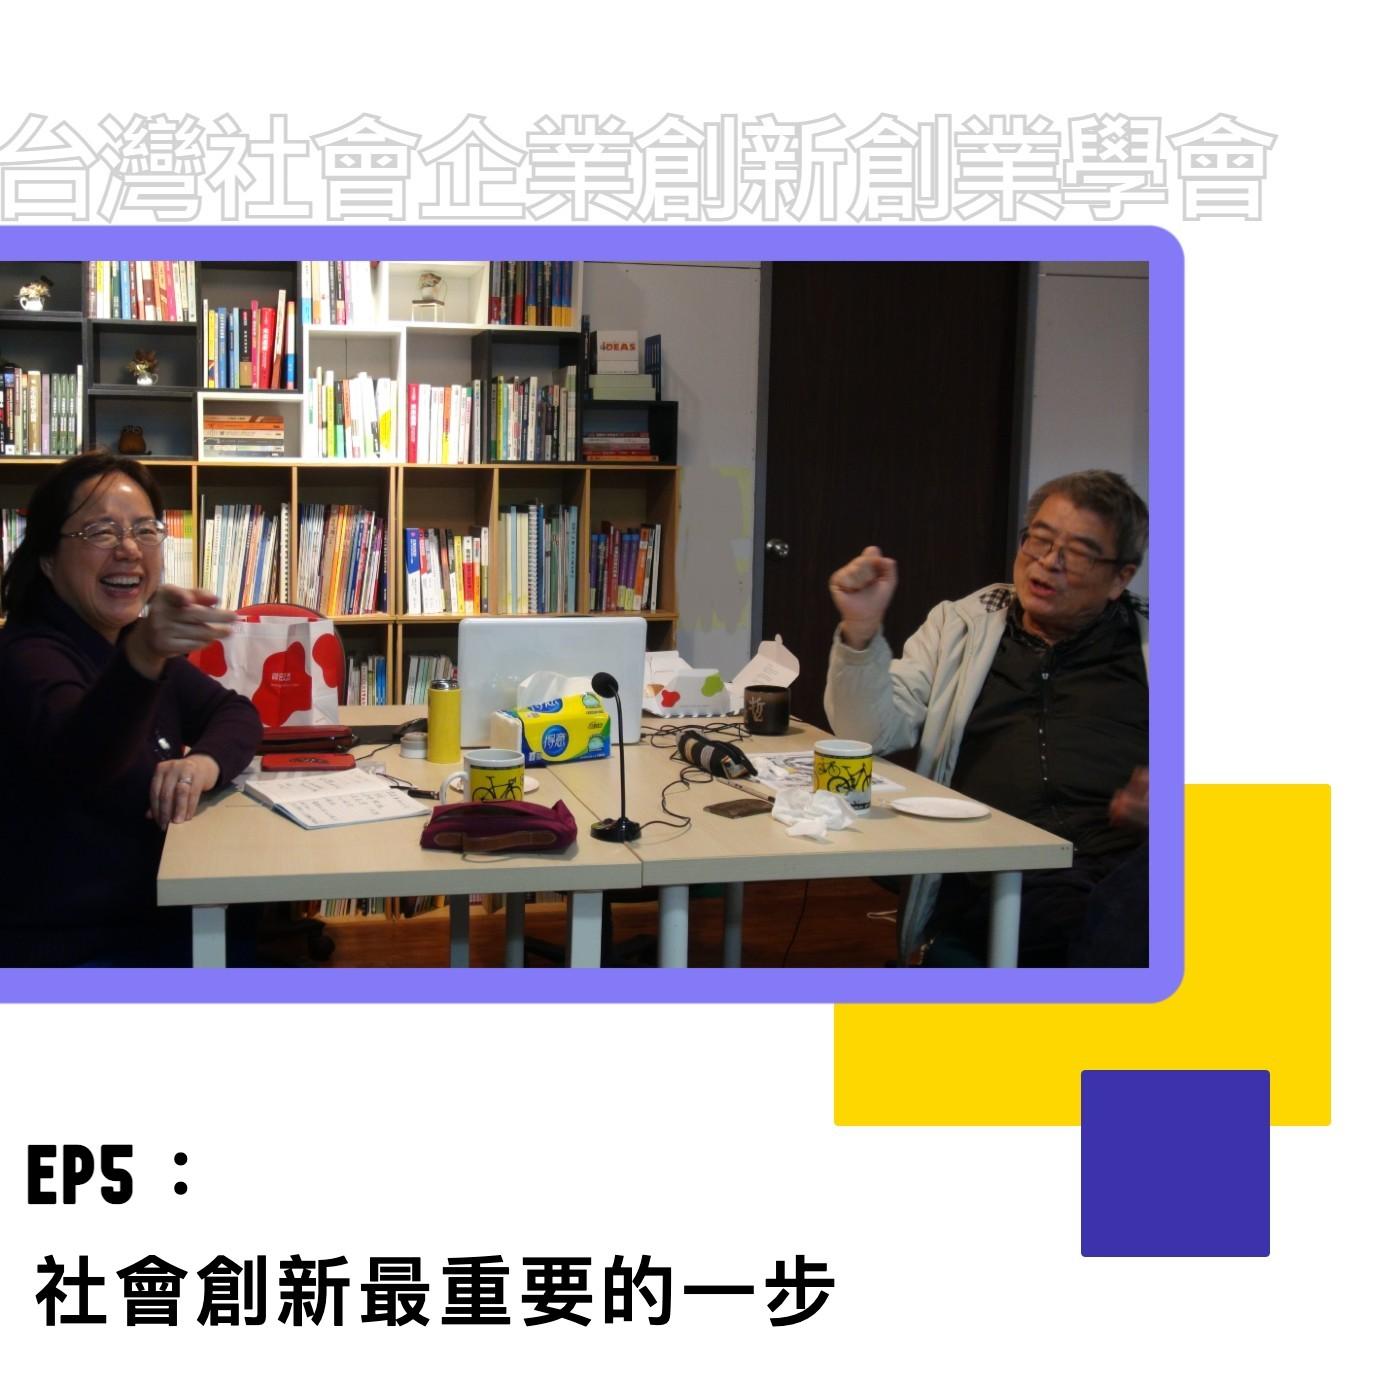 EP5:社會創新最重要的一步